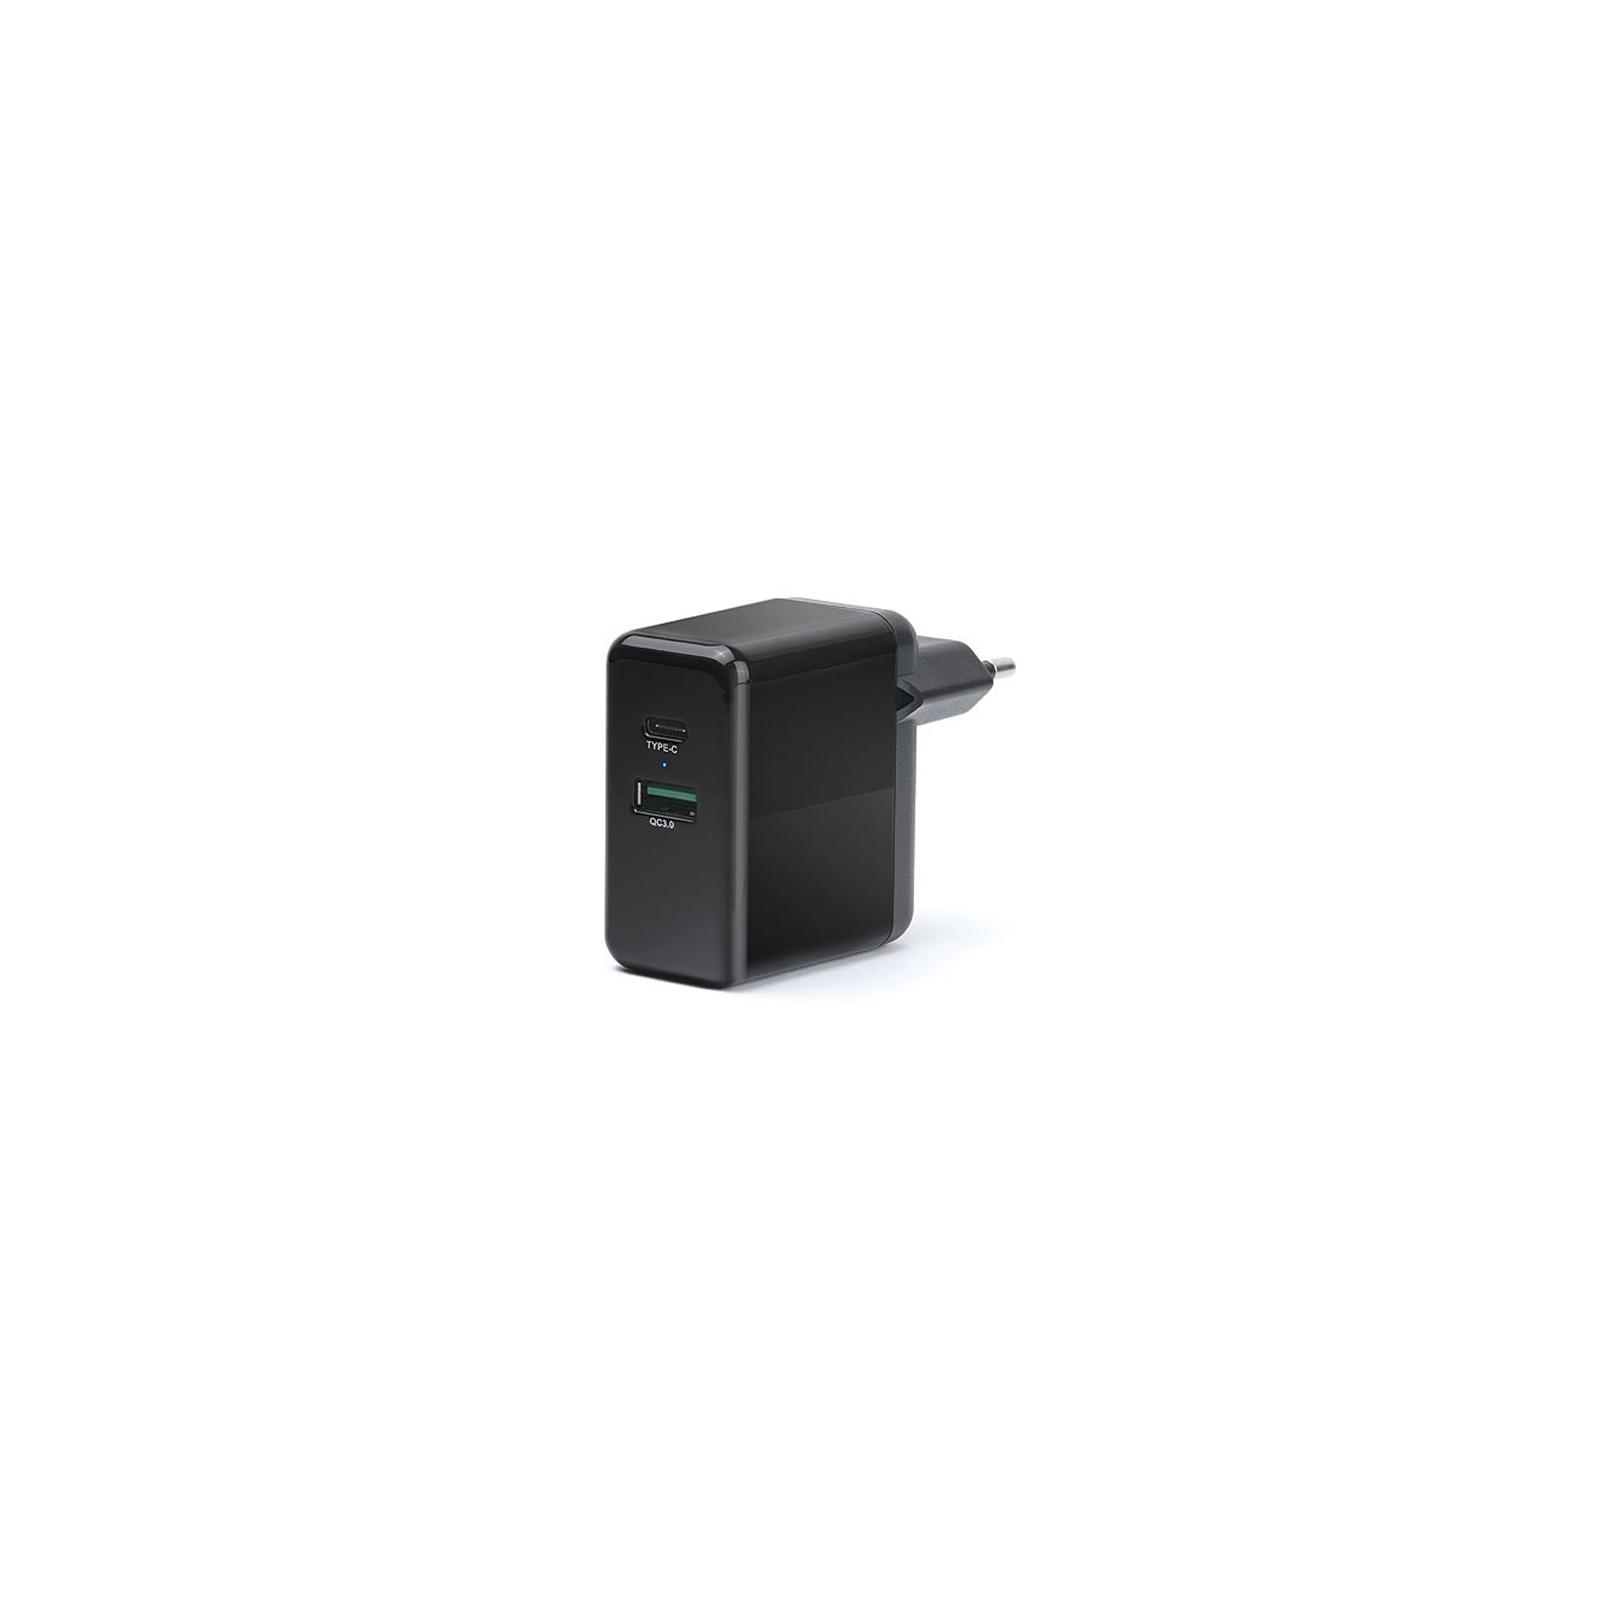 Зарядний пристрій REAL-EL CH-350 black (EL123160017)